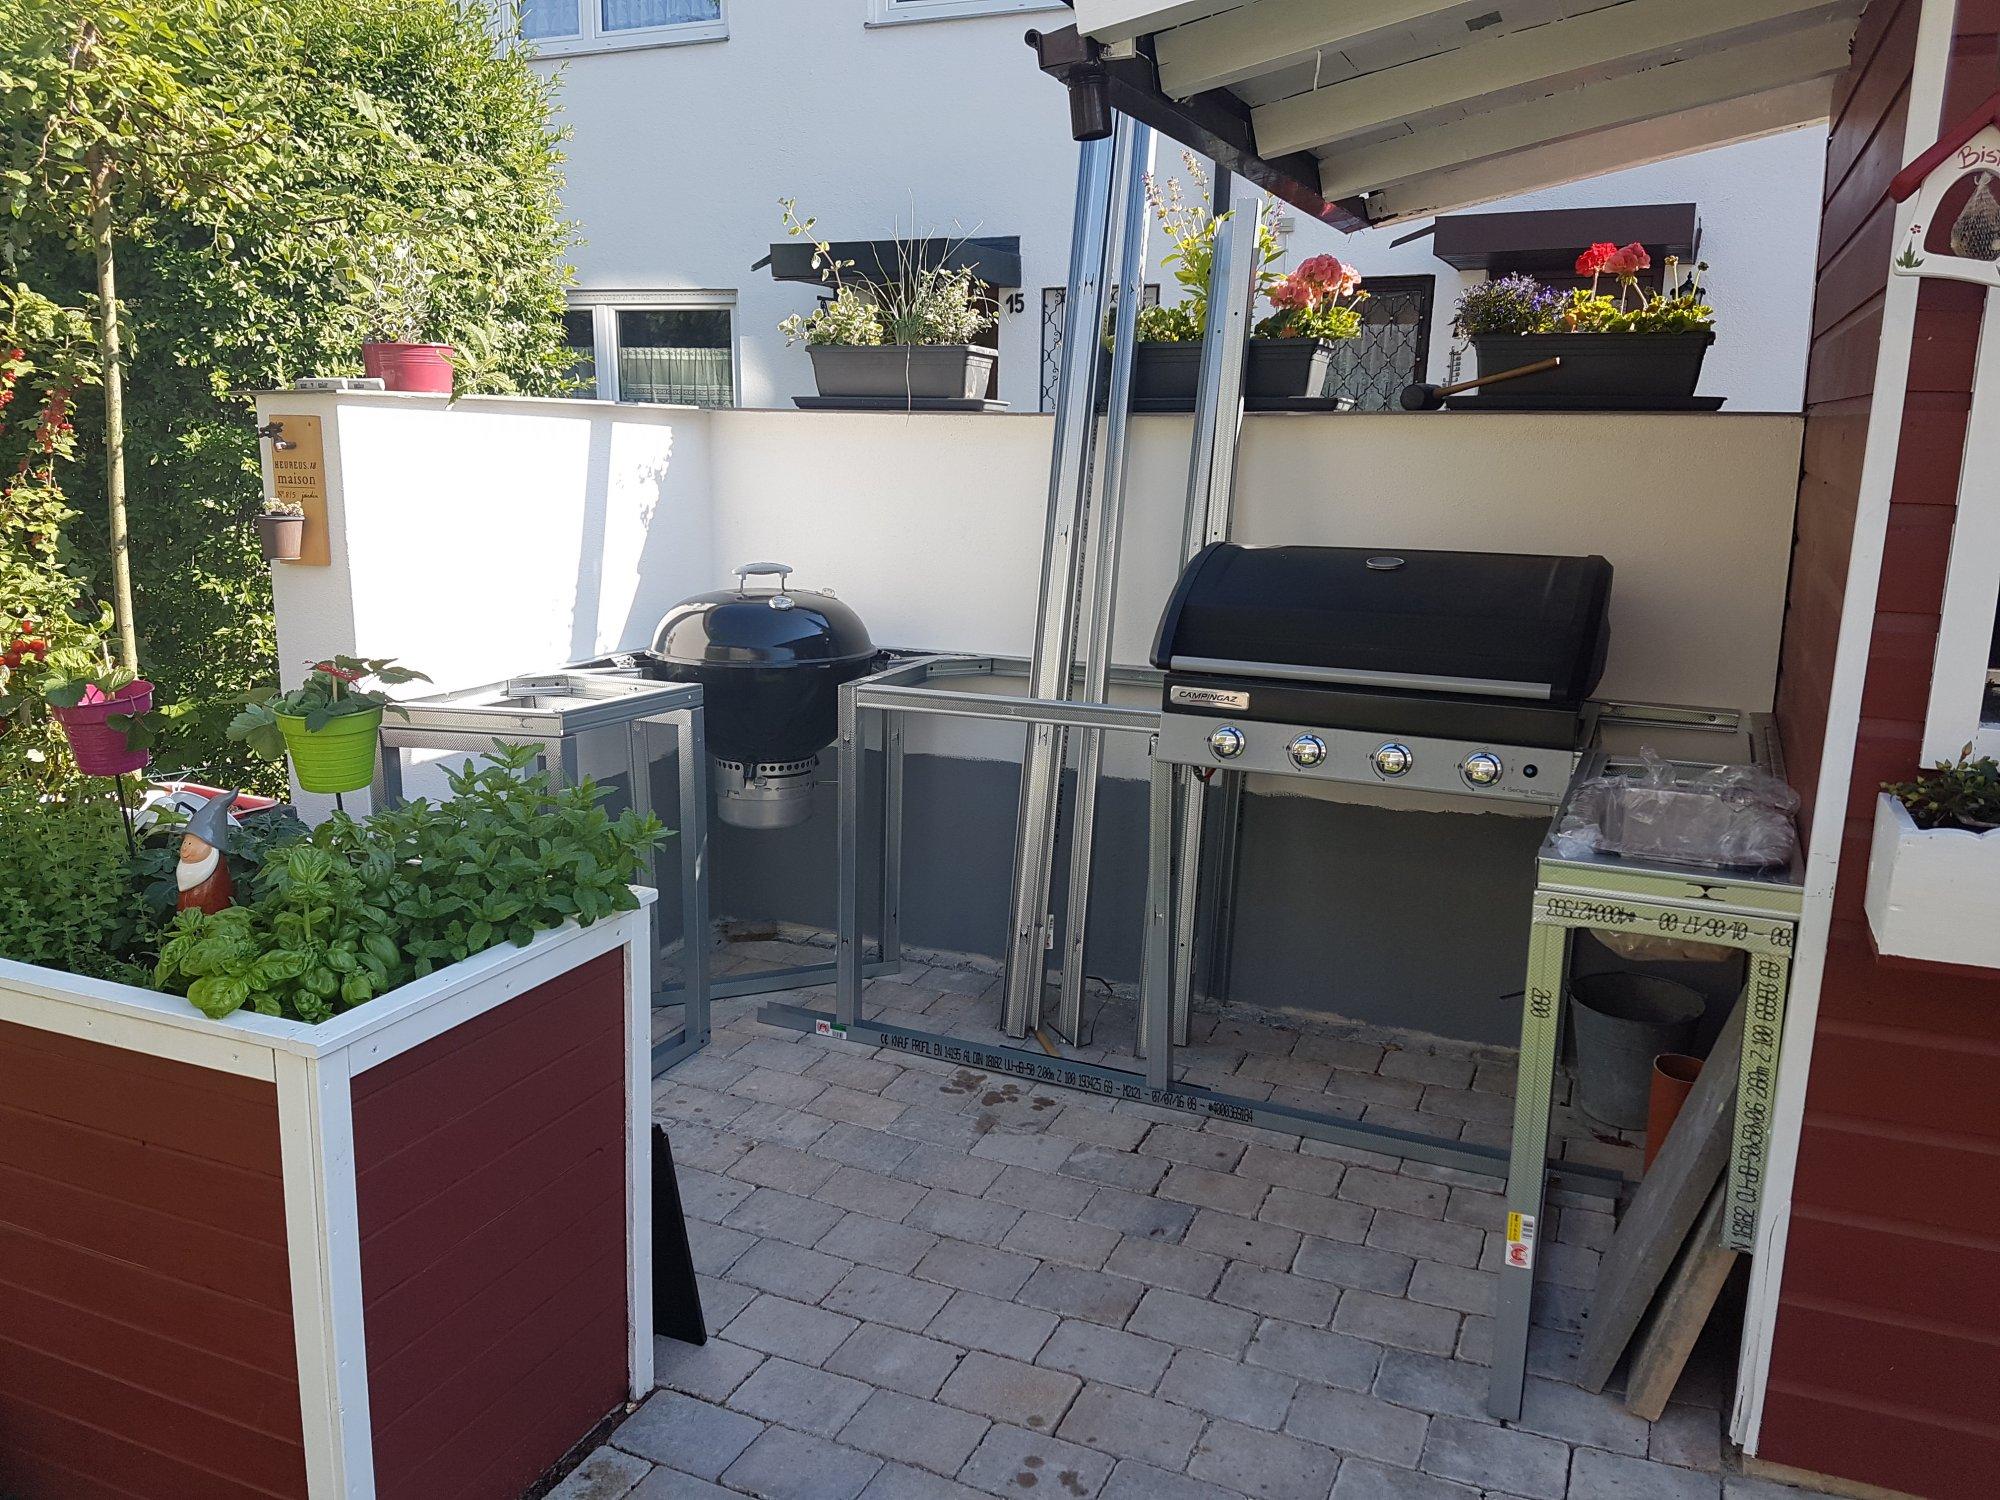 Außenküche Selber Bauen Unterkonstruktion : Luxus outdoor küche selber bauen garten design